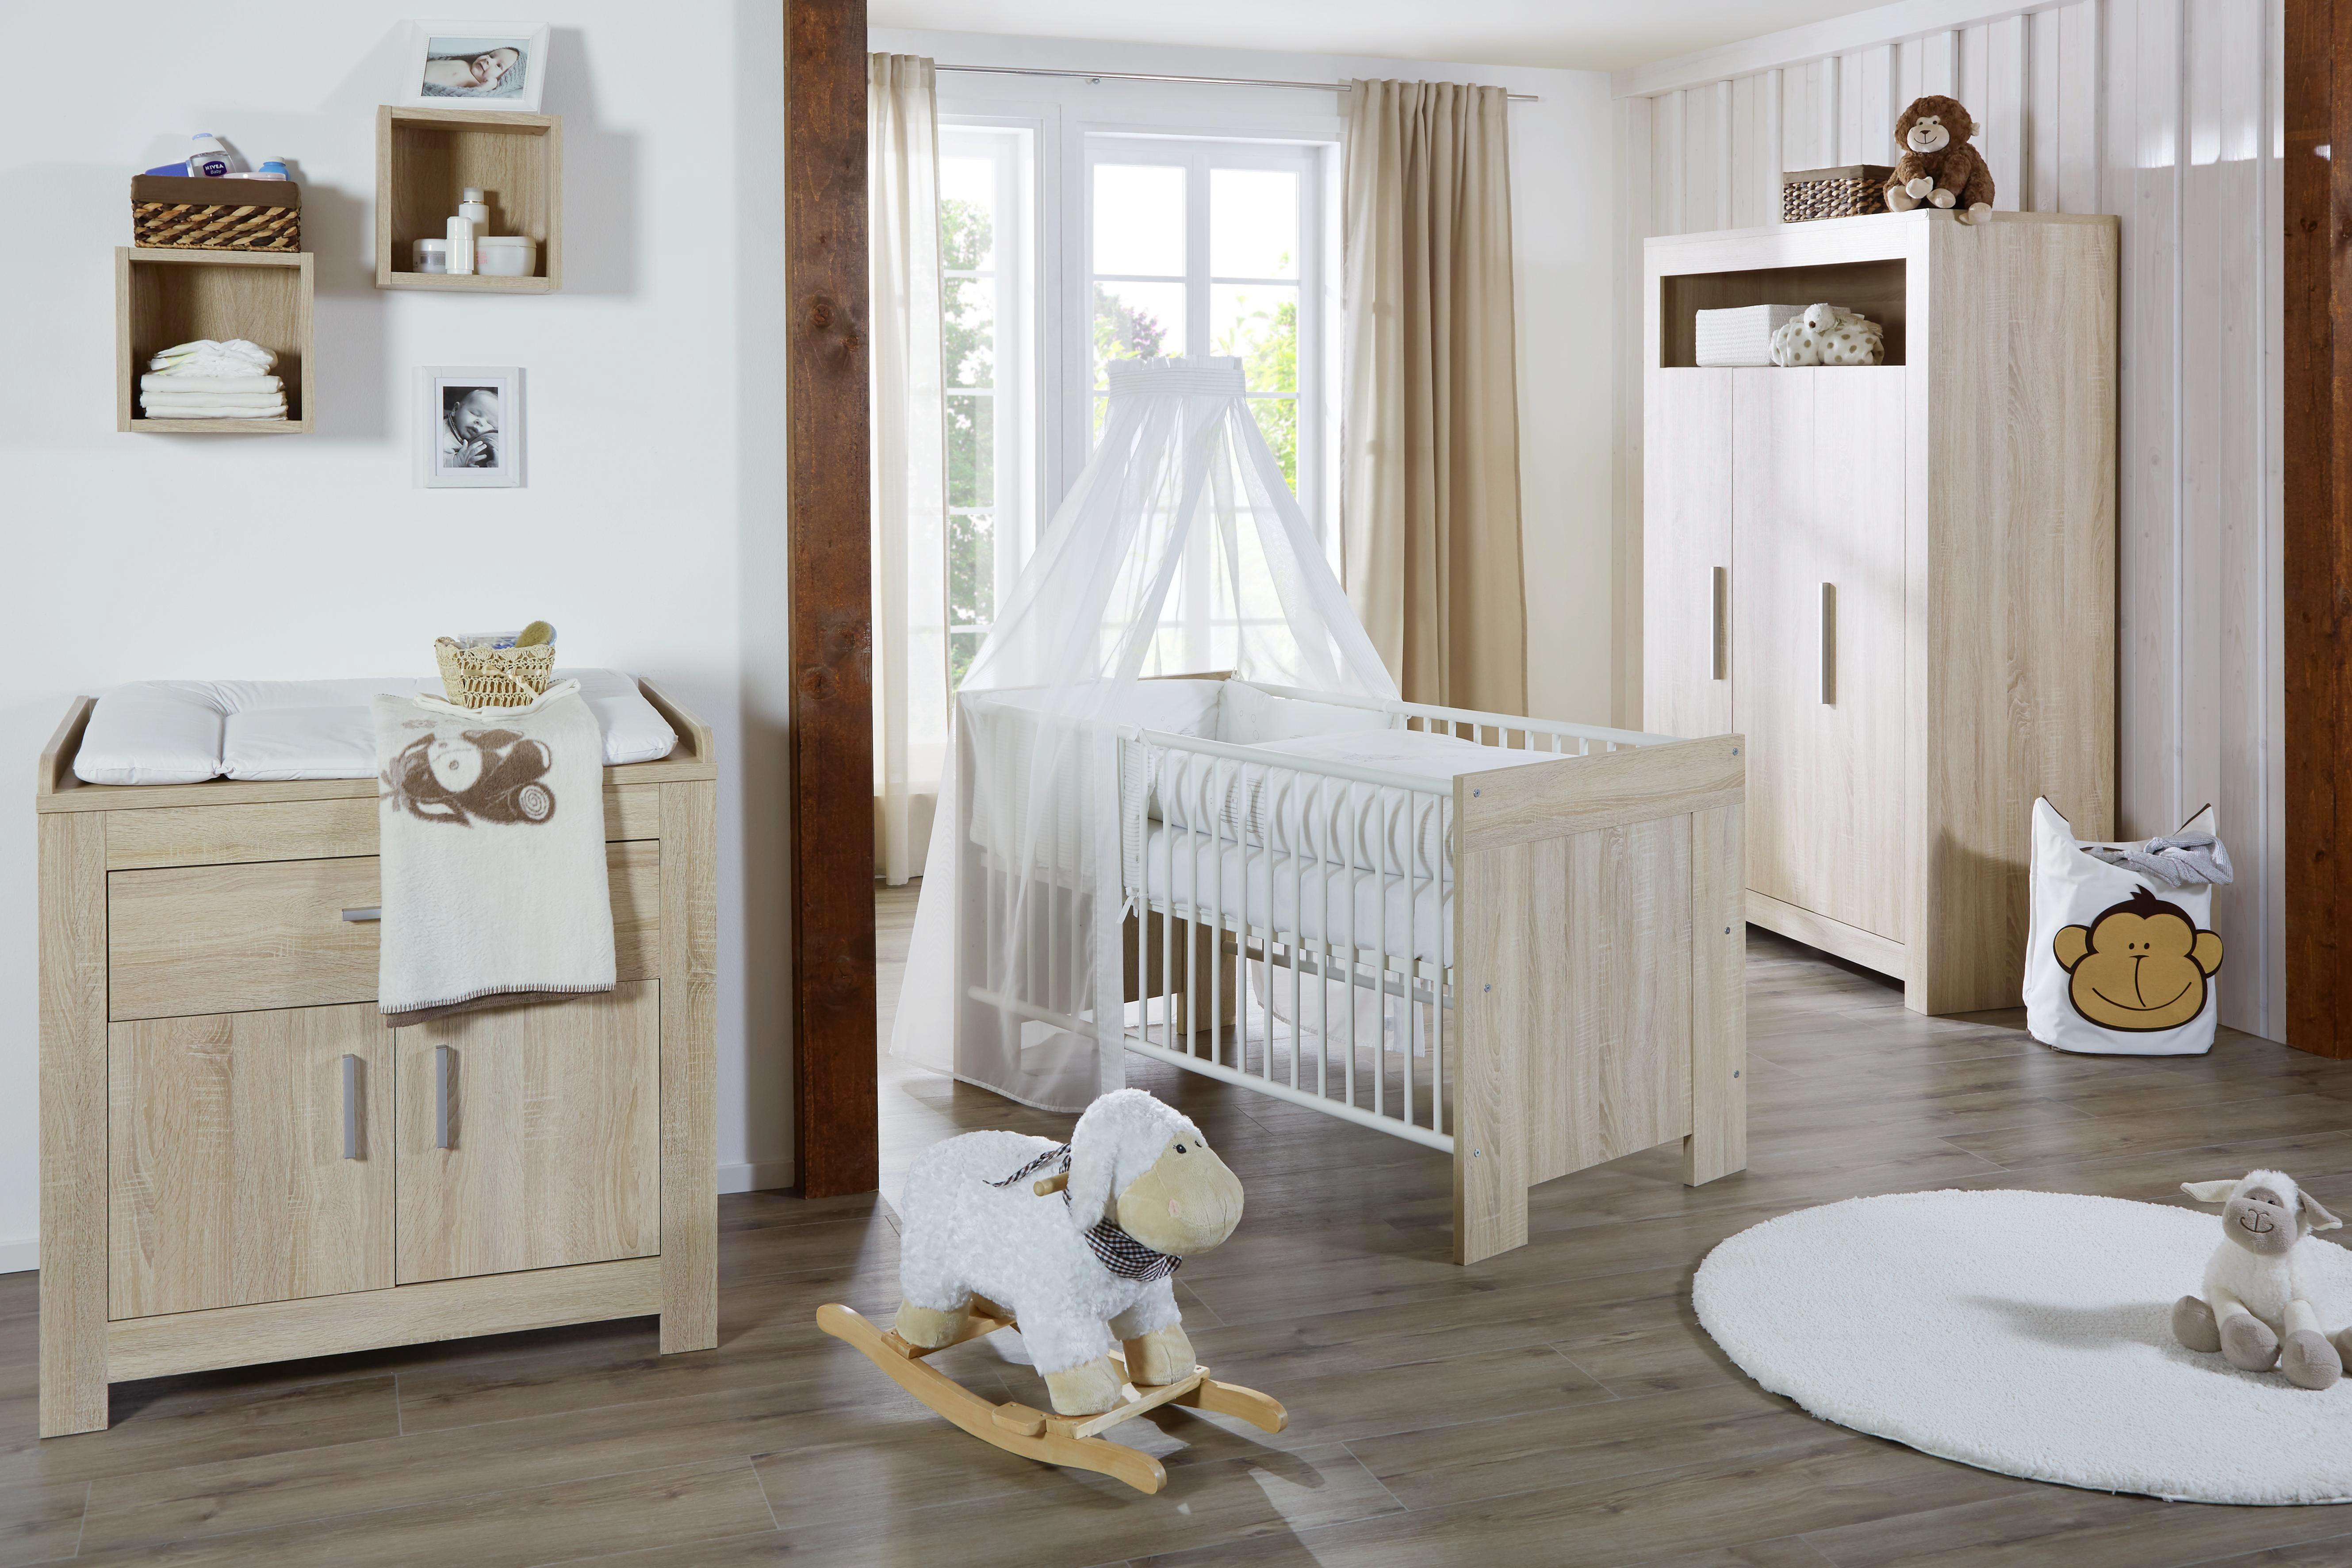 Gitterbetten & babybetten beistellbetten für neugeborene ▷ xxxlutz